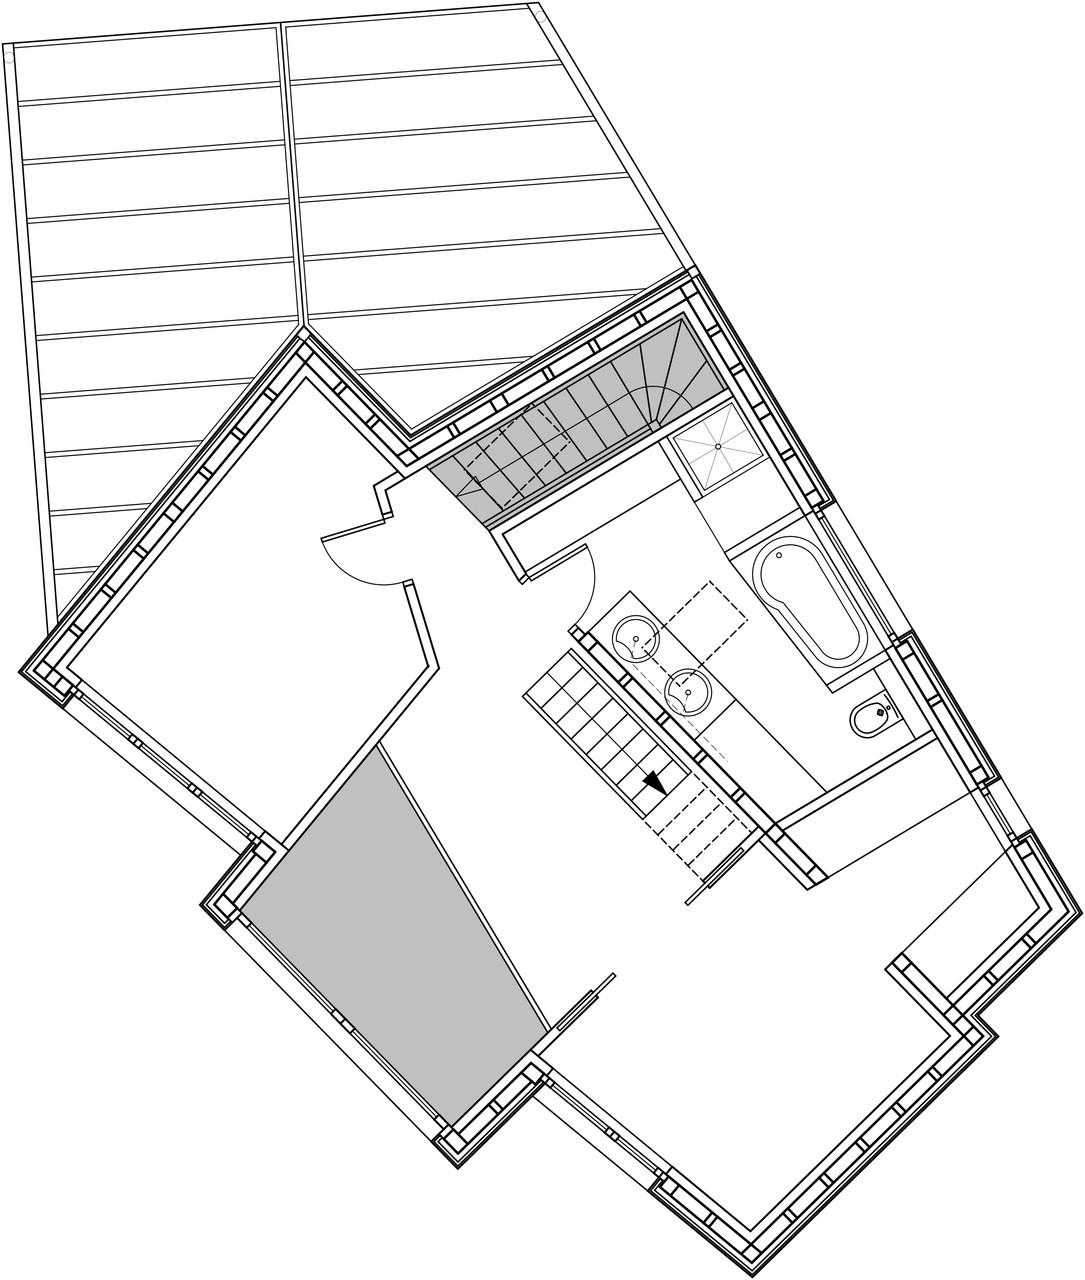 Plan étage 1